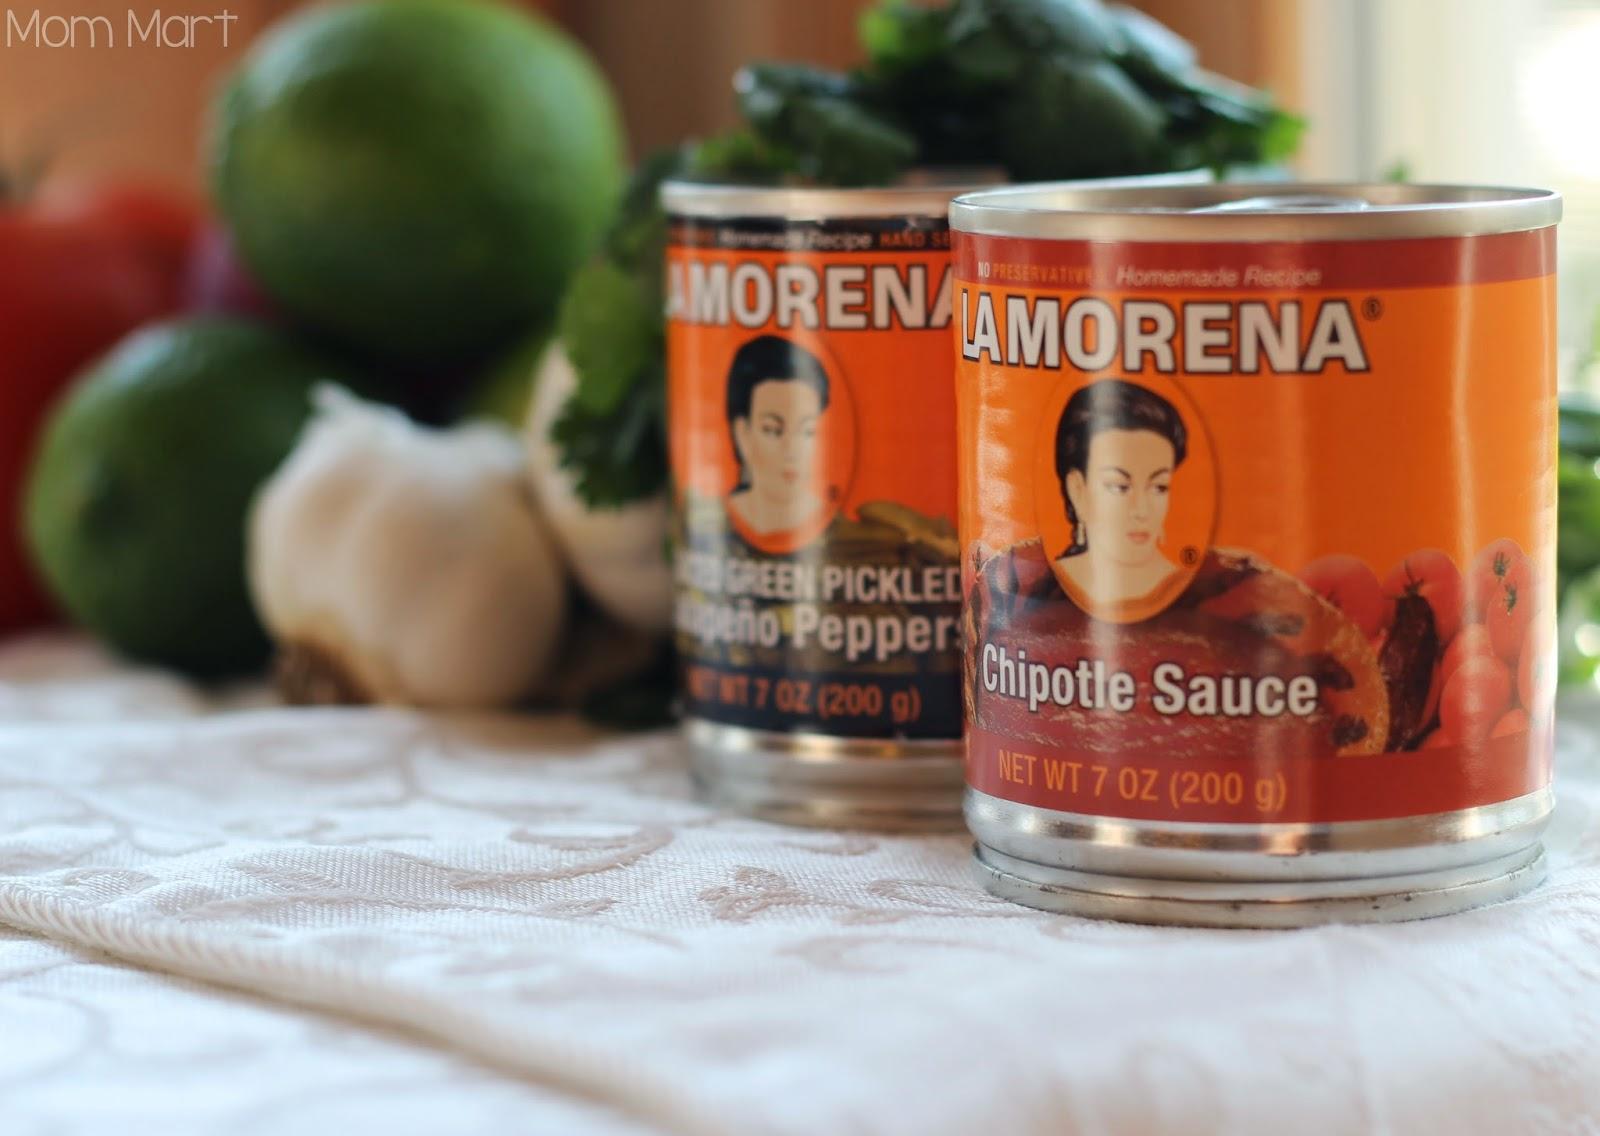 Chipotle Carnitas and Homemade Pico de Gallo Recipe with La Morena #VivaLaMoreno #shop #Authentic